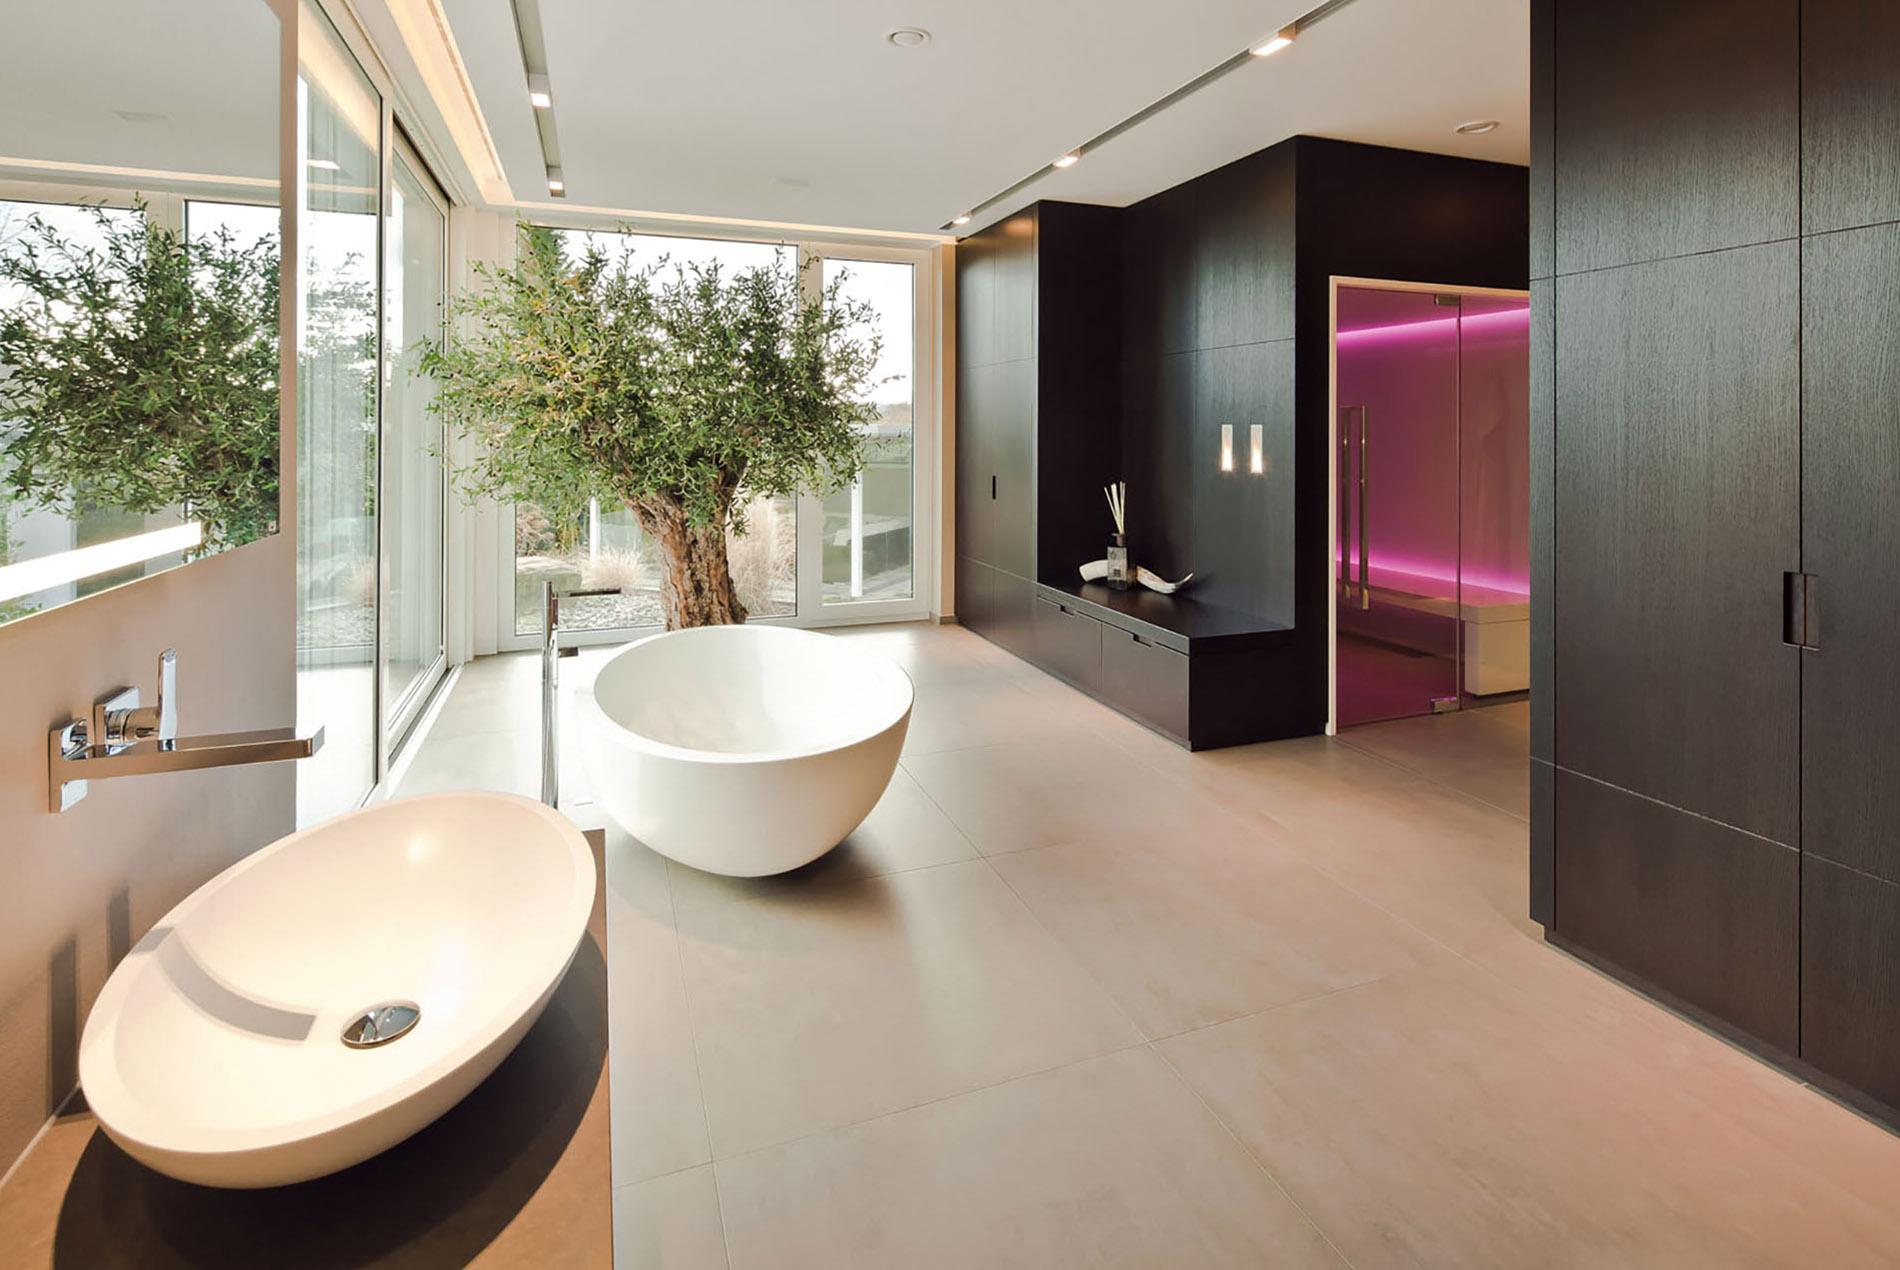 Sauna im Badezimmer mit freistehender Badewanne - Tischlerei Schöpker